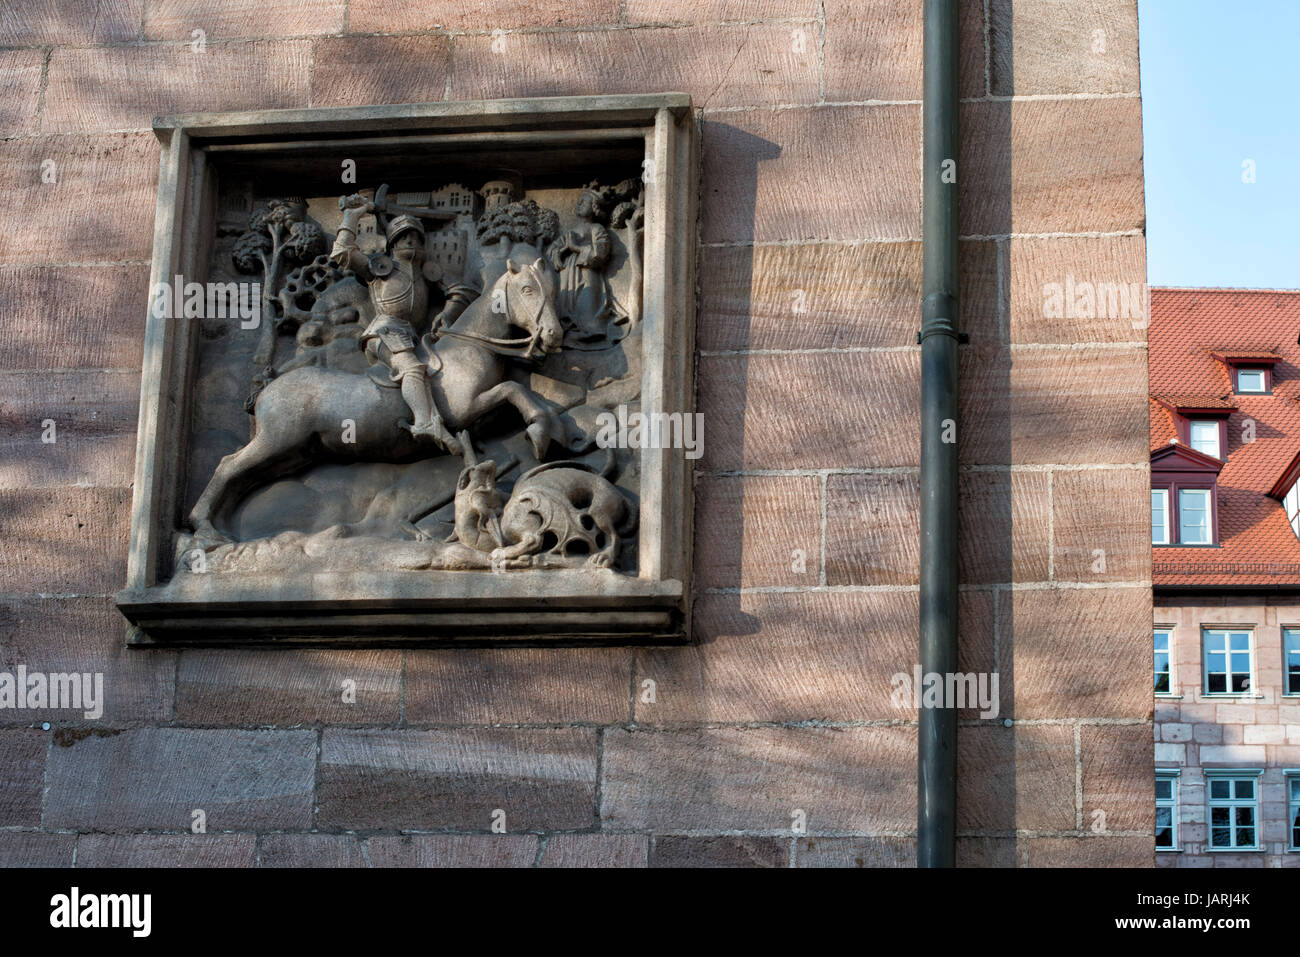 Relief an einer Hauswand in Nürnberg, Bayern, Deutschland - Stock Image